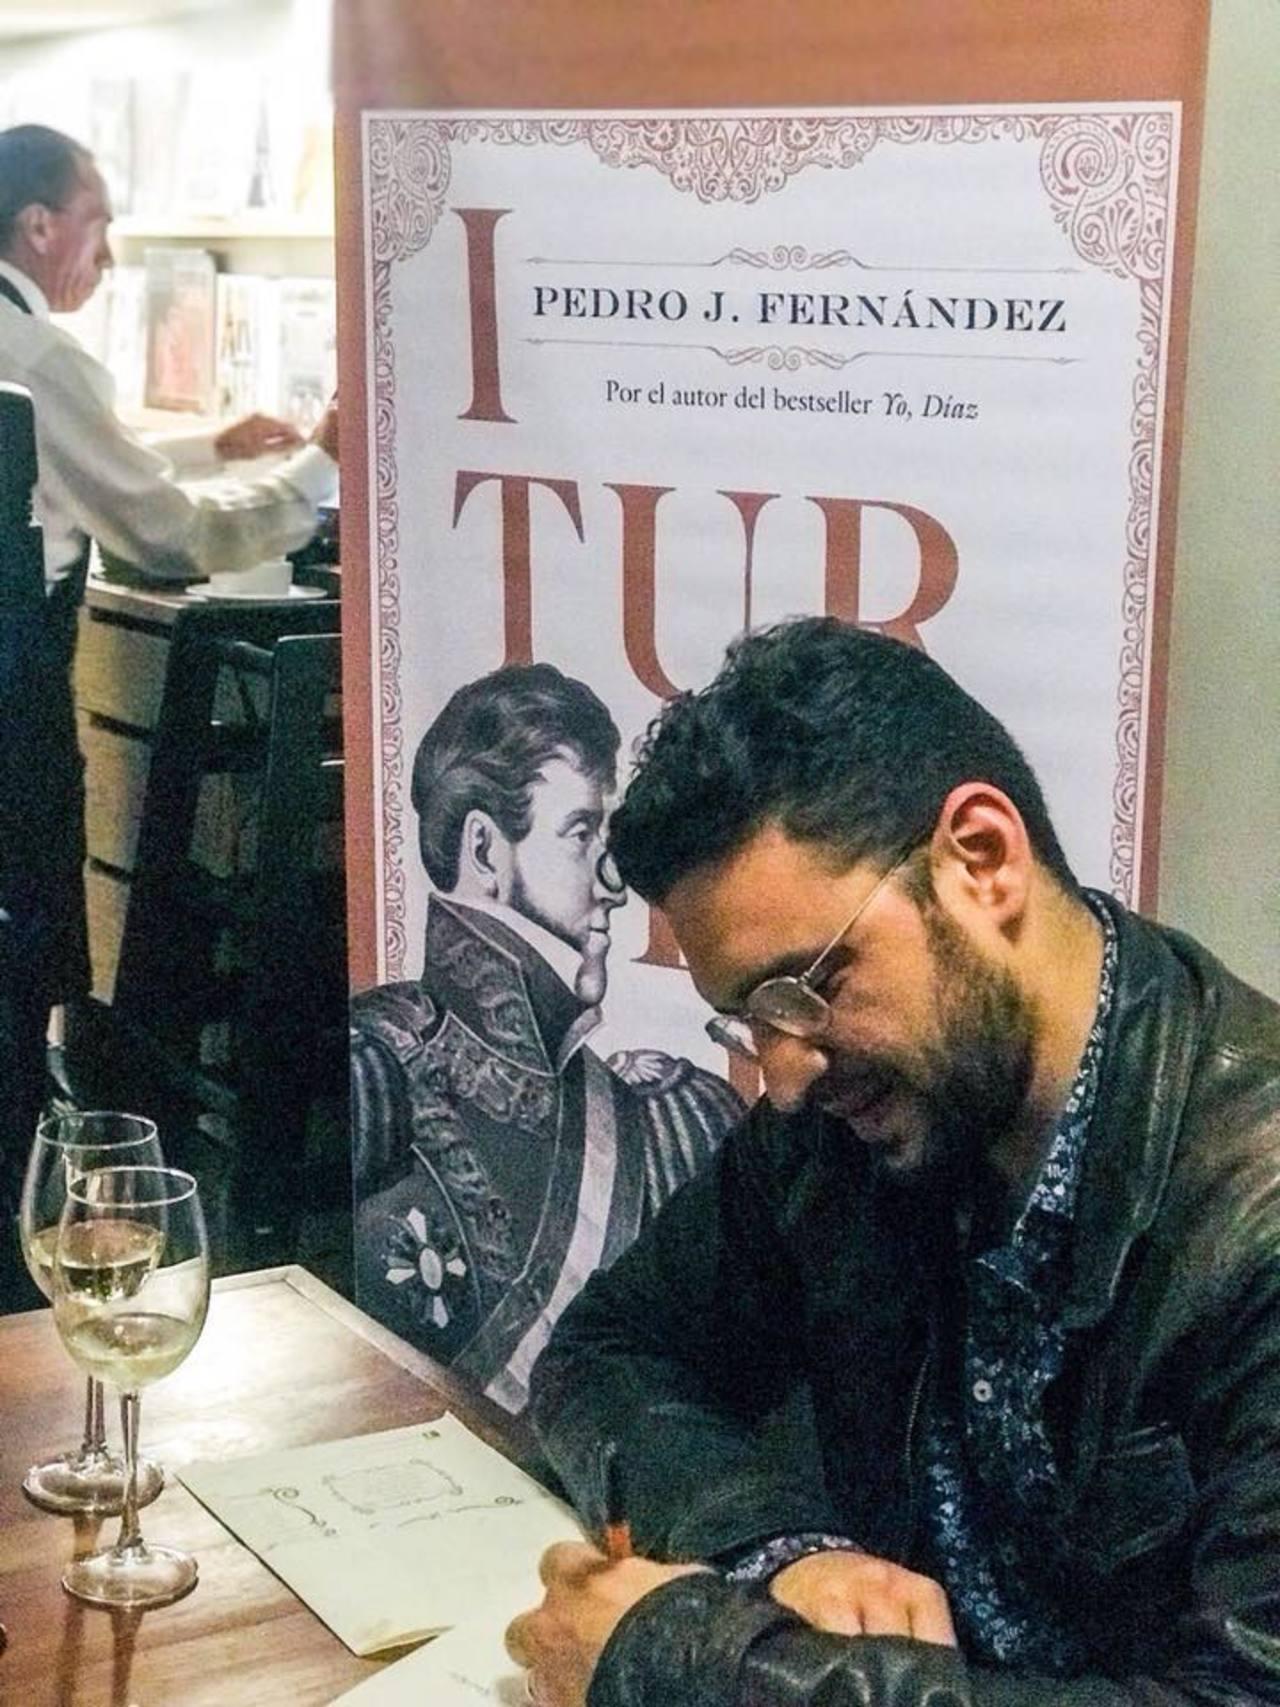 Ofrece otro rostro de Agustín de Iturbide